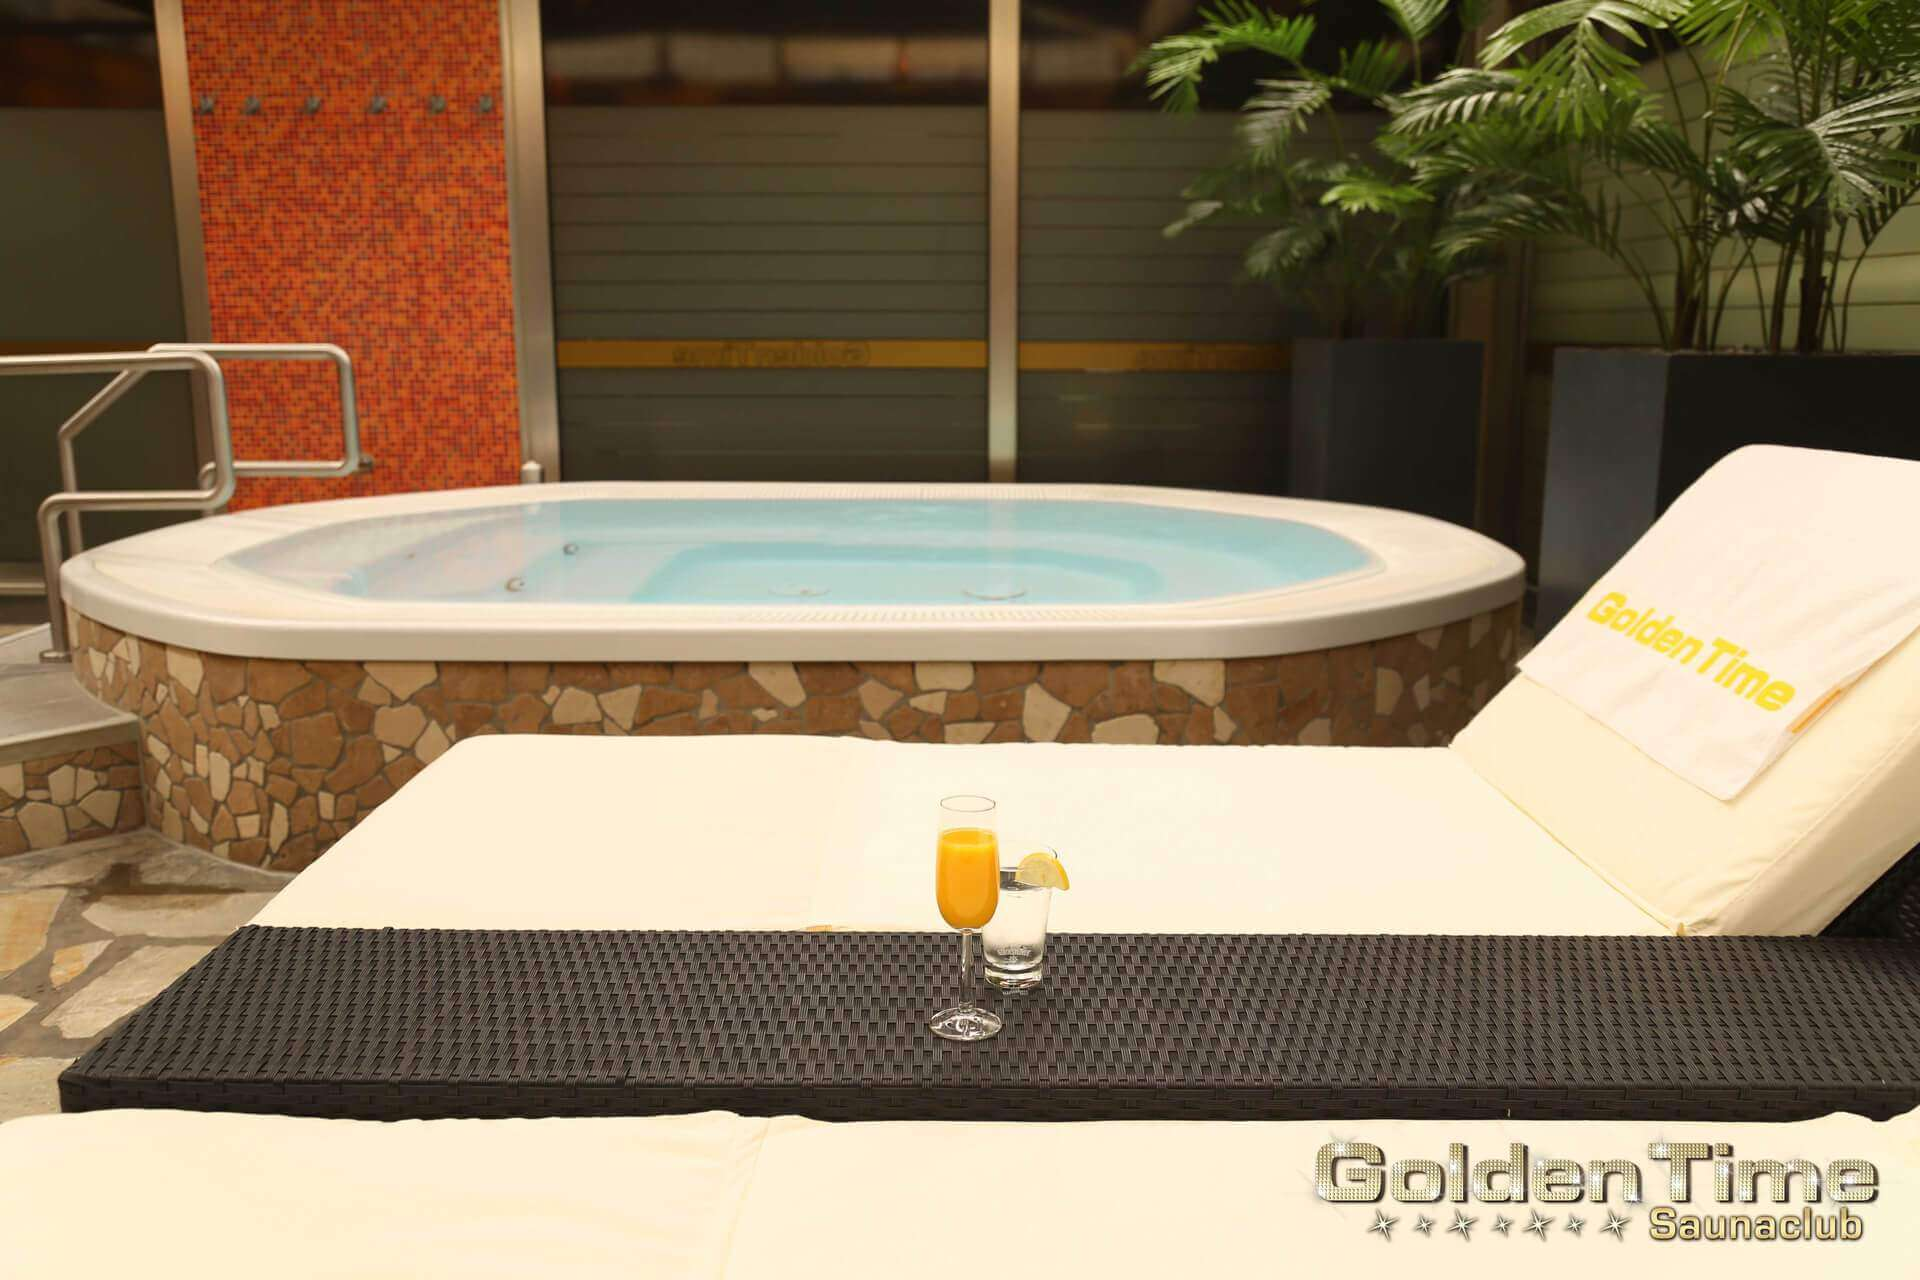 01-terrasse-wellnessbereich-pic-06-goldentime.jpg